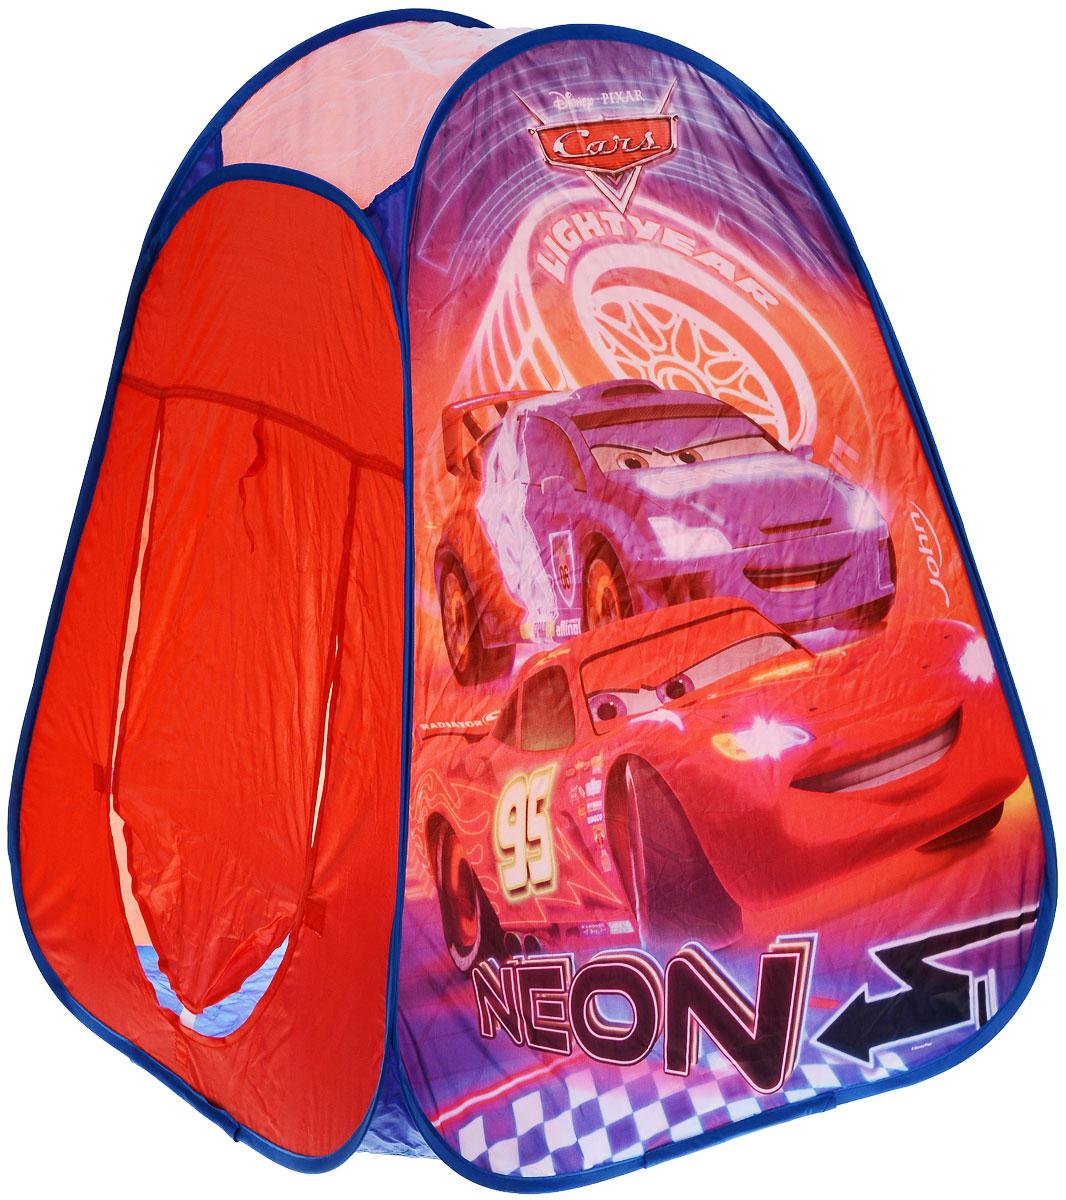 John Детская игровая палатка Тачки: Неон, 75 см х 75 см х 90 см72554WDДетская игровая палатка John Тачки: Неон идеально подойдет для веселых игр как на улице, так и в помещении. Она выполнена в виде обычной палатки с одним входом. Каждый ребенок время от времени мечтает жить в своем собственном маленьком городке, представляя окружающий мир без взрослых. Вашему ребенку с друзьями будет очень весело прятаться от взрослых в этой палатке. Палатка выполнена из легкого полиэстера и оформлена изображением машин из мультфильма Тачки. Палатка при складывании занимает совсем немного места. Ее удобно хранить в сумке-чехле, которая также входит в комплект. Сумка закрывается на застежку-молнию и оснащена двумя ручками для переноски. Ваш ребенок с удовольствием будет играть в такой палатке, придумывая различные истории.